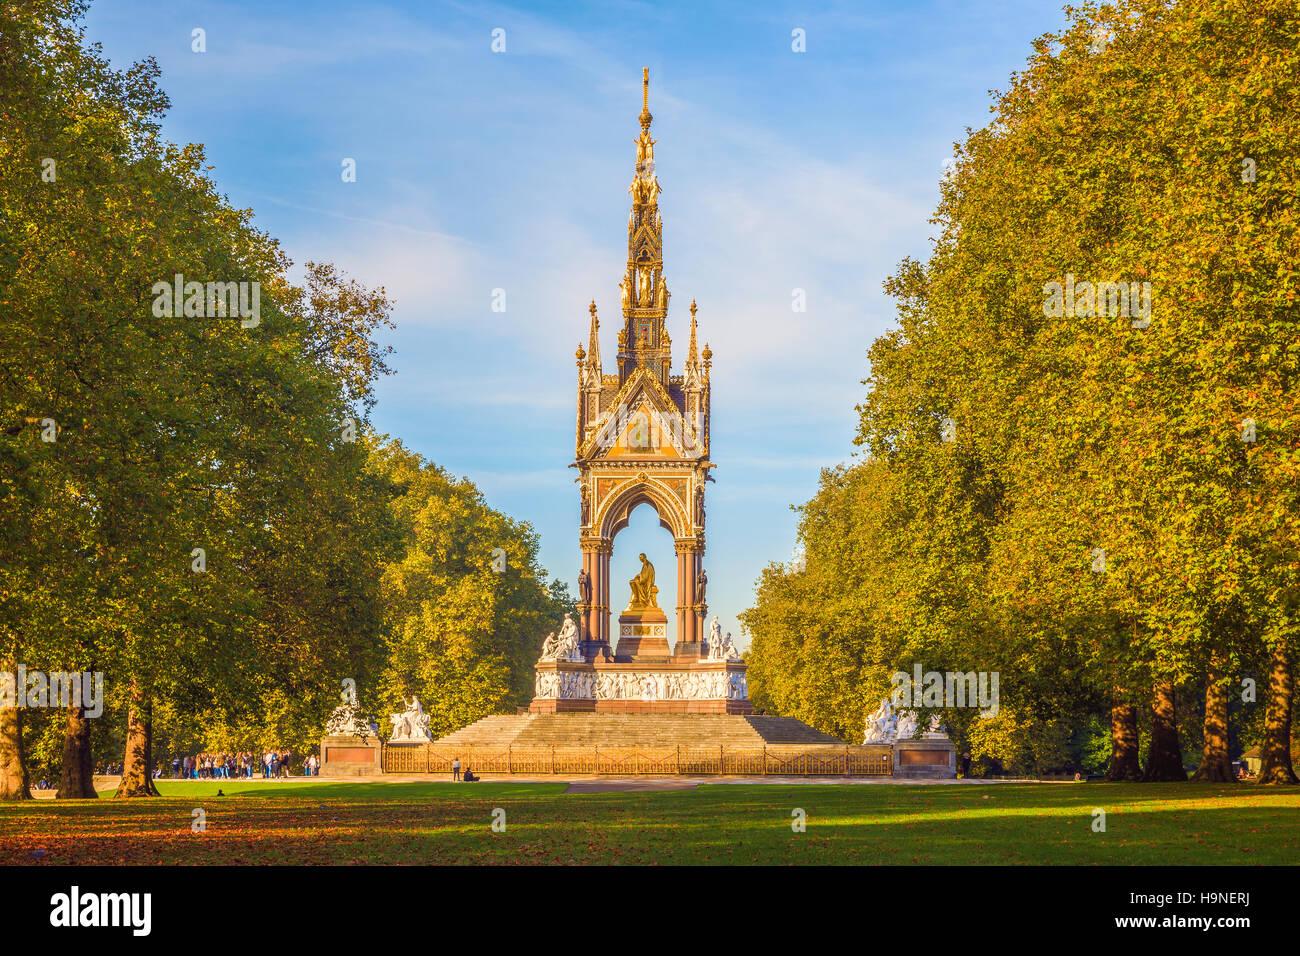 Herbstsaison am Albert Memorial in London Stockbild